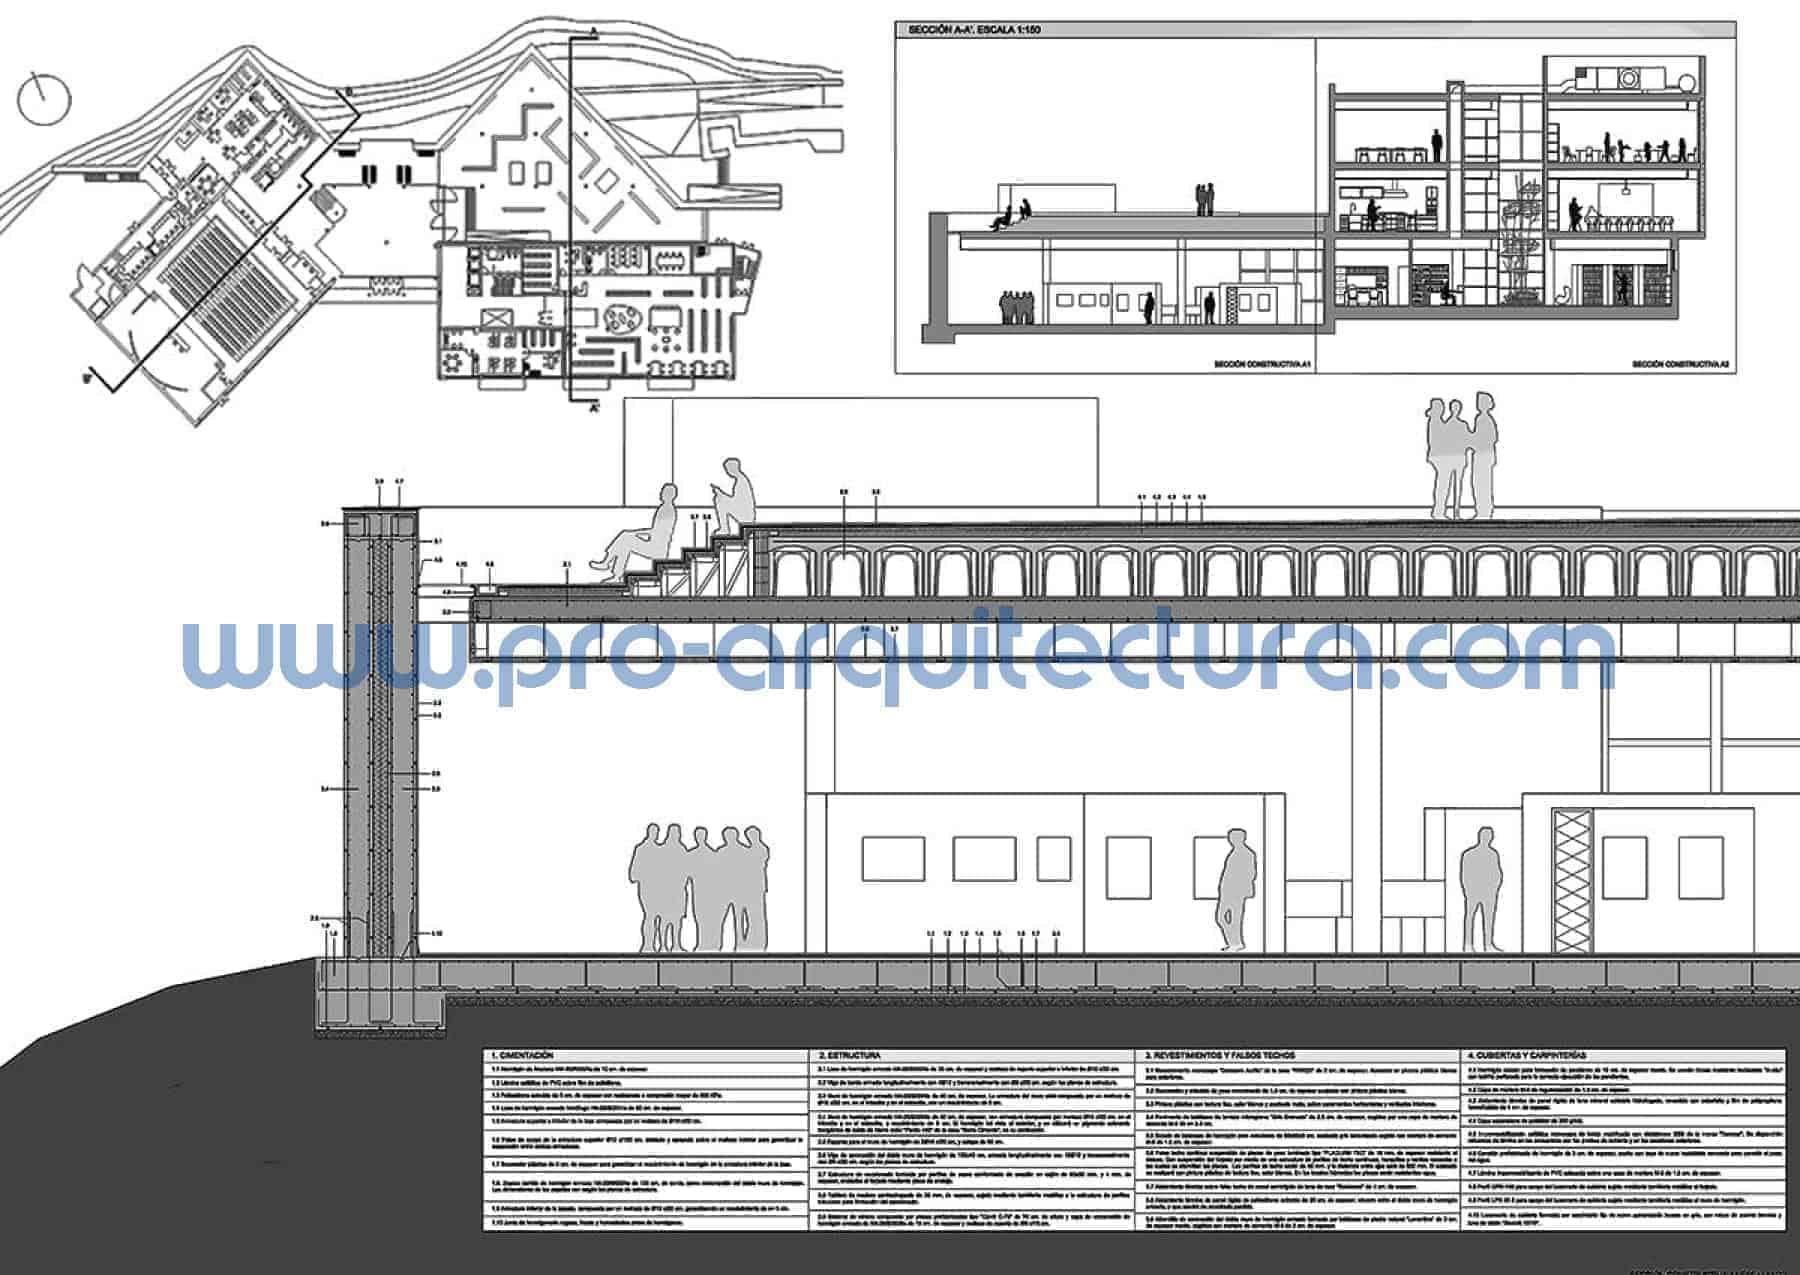 0045-01 Facultad de ciencias - Sección y detalles constructivos - Ayuda con la entrega del pfc pfg tfg tfm de arquitectura.